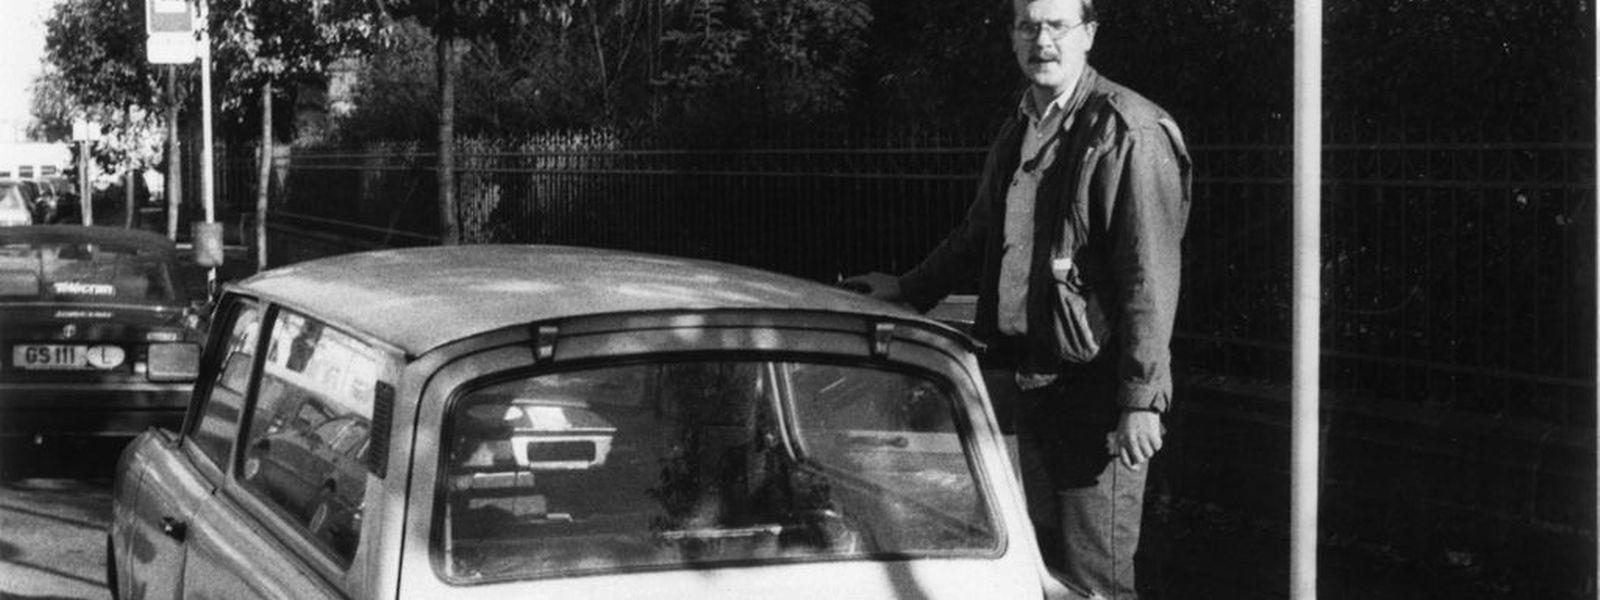 Andreas Holz vor seinem Trabi, der damit vor 25 Jahren nach Luxemburg gereist war.